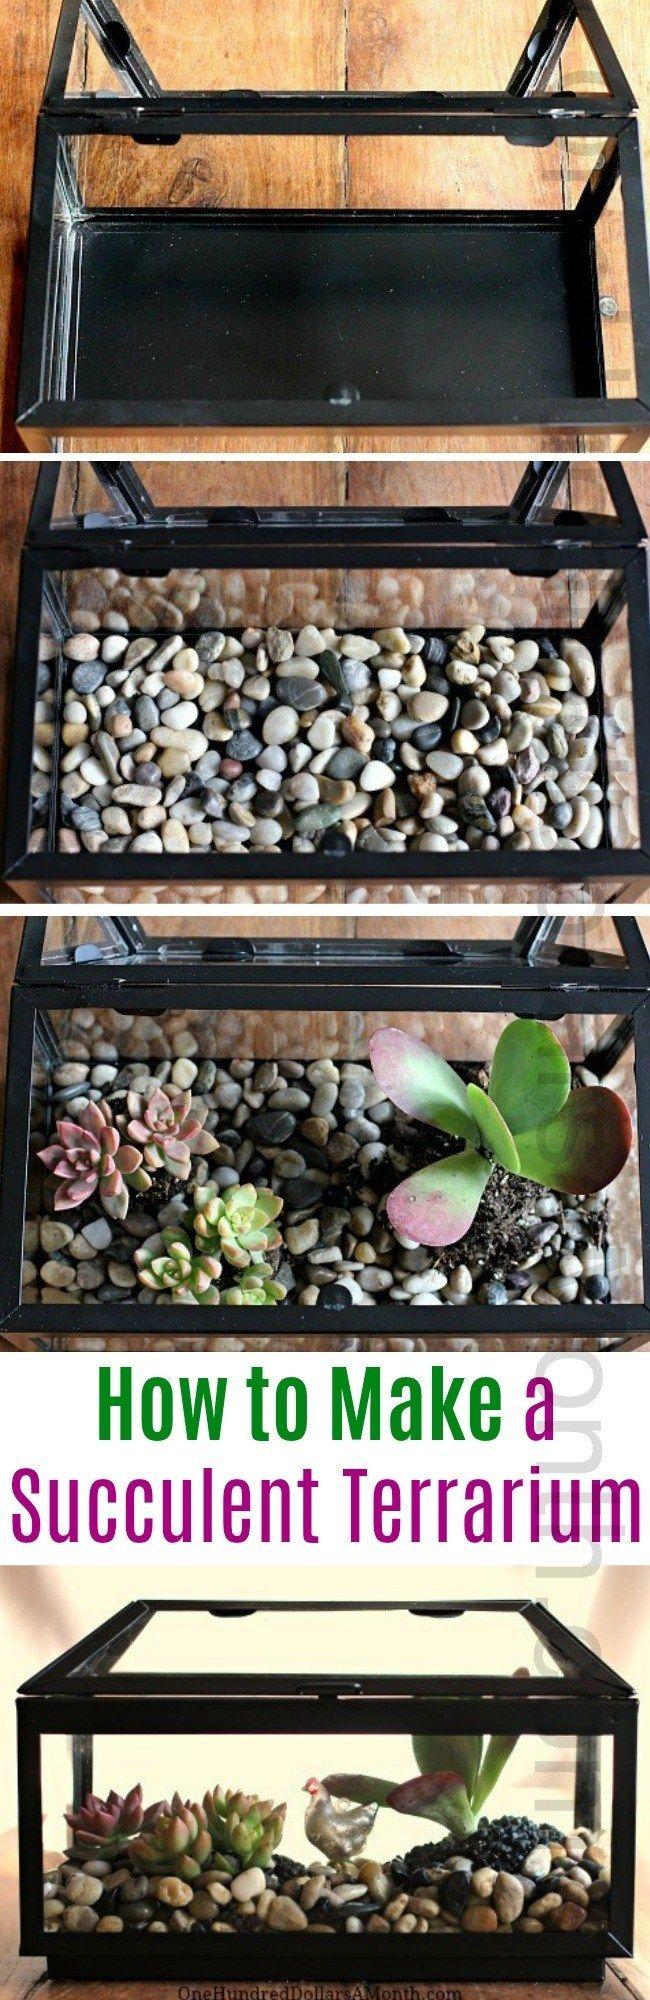 How to Make a Succulent Terrarium #succulentterrarium